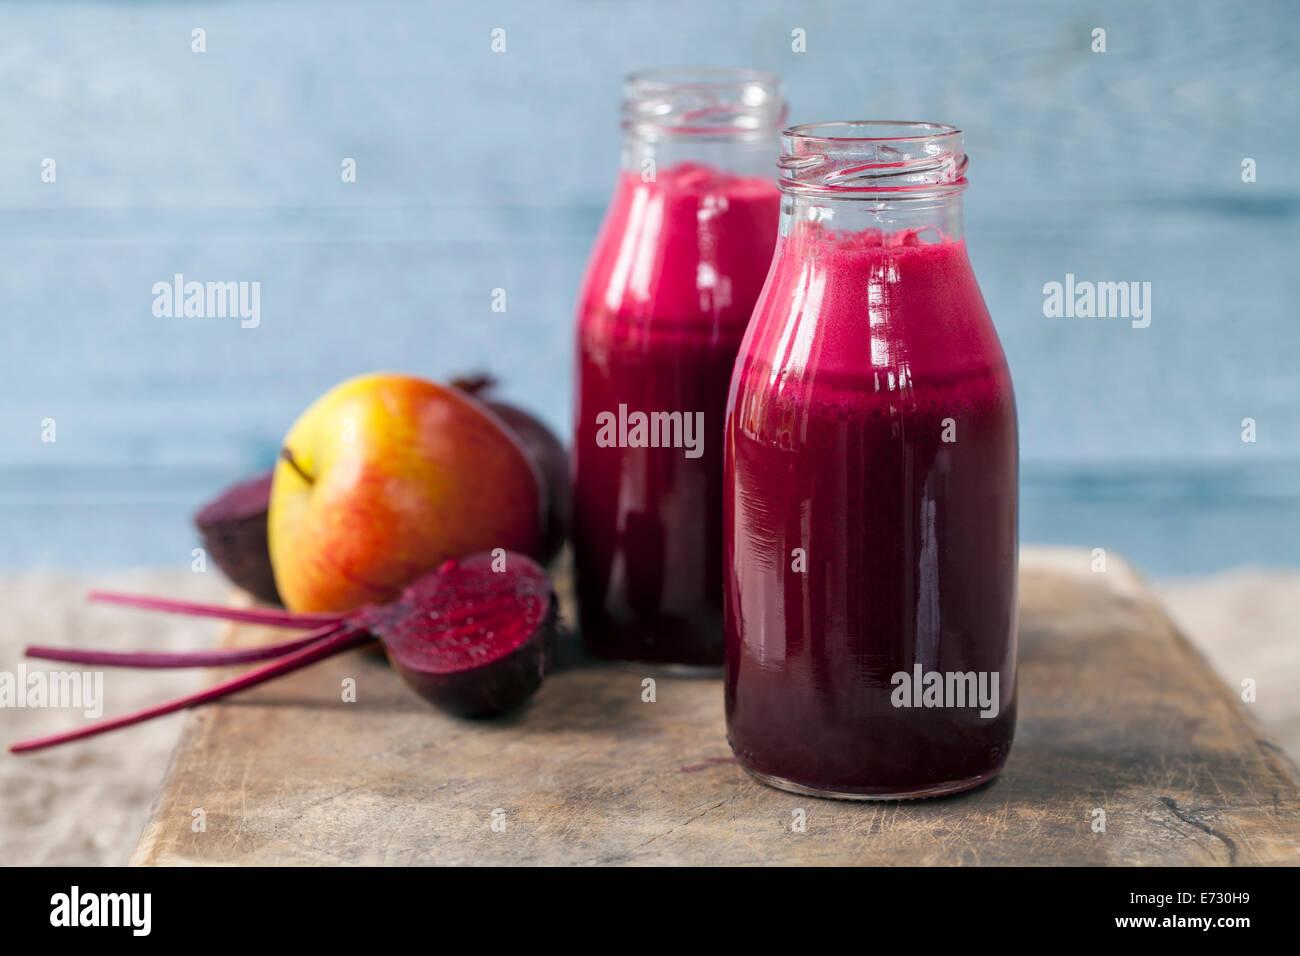 La remolacha y el zumo de manzana Imagen De Stock